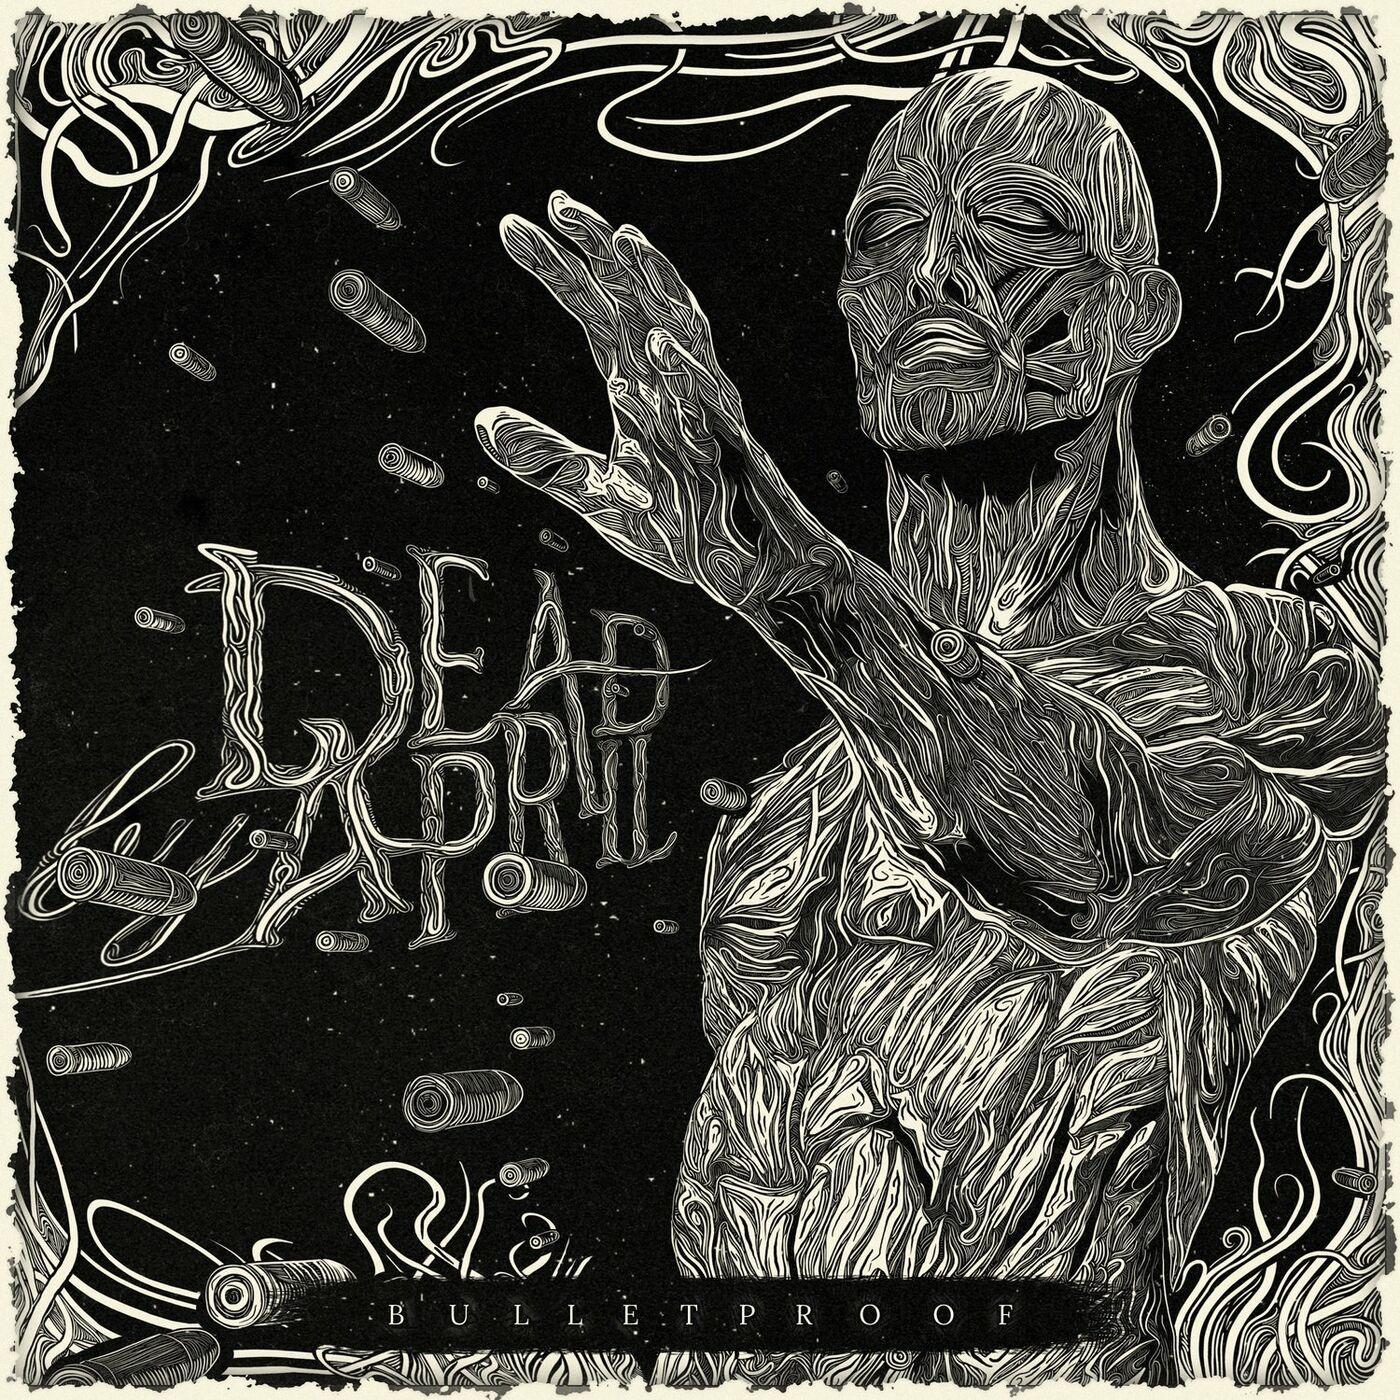 Dead by April - Bulletproof [single] (2020)